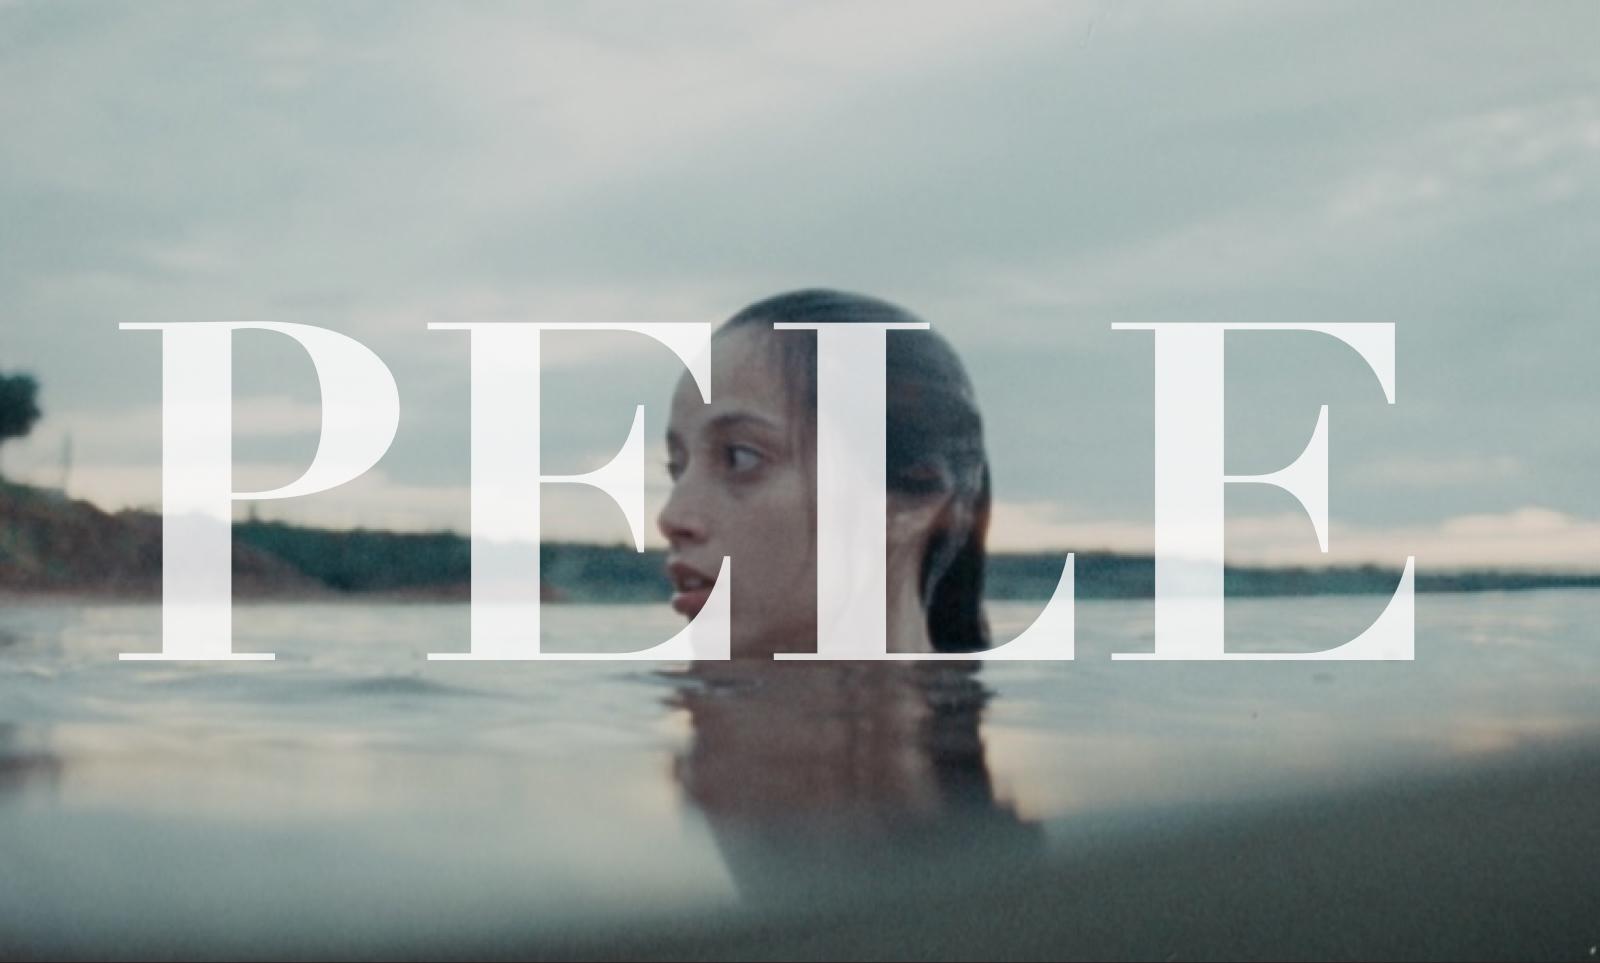 """Apeles revela clipe """"Pele"""", do longa Boni Bonita"""